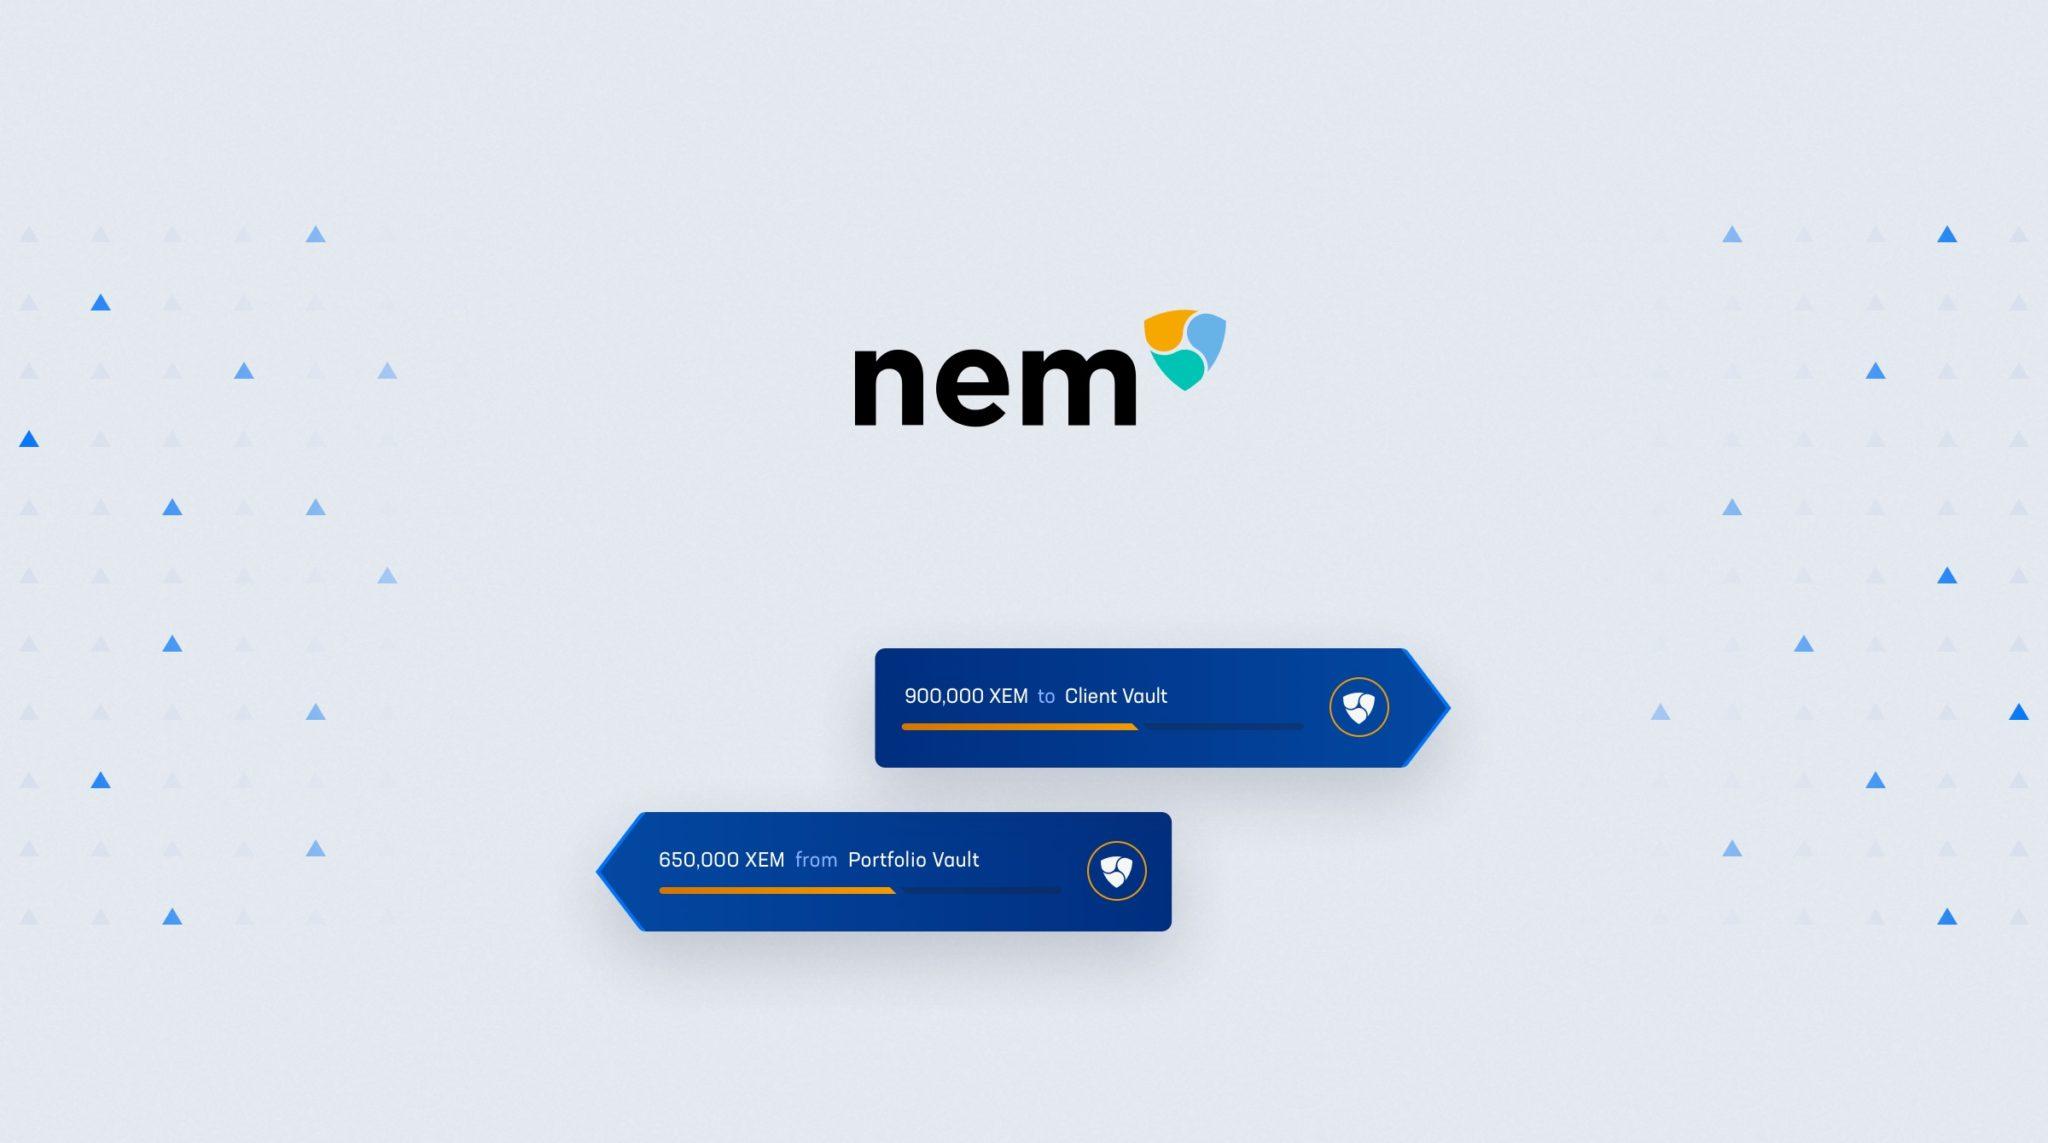 NEM(XEM)的安全机构访问